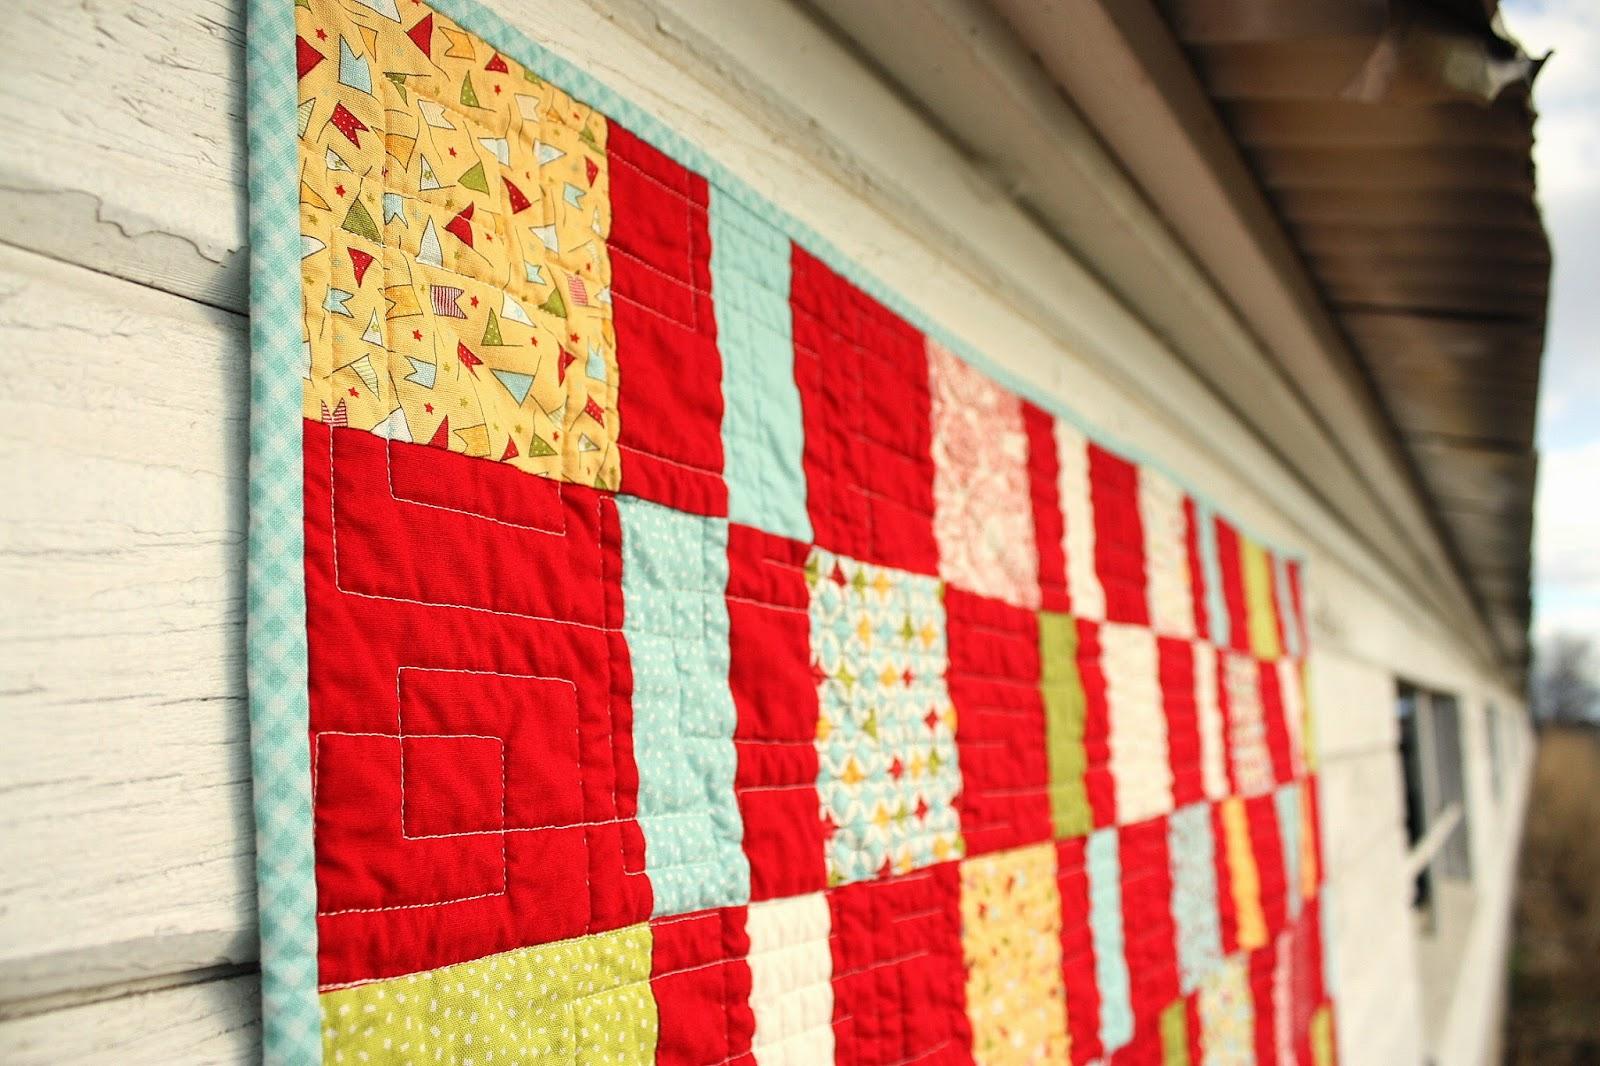 Quilt Patterns Using Charm Packs Unique Decoration